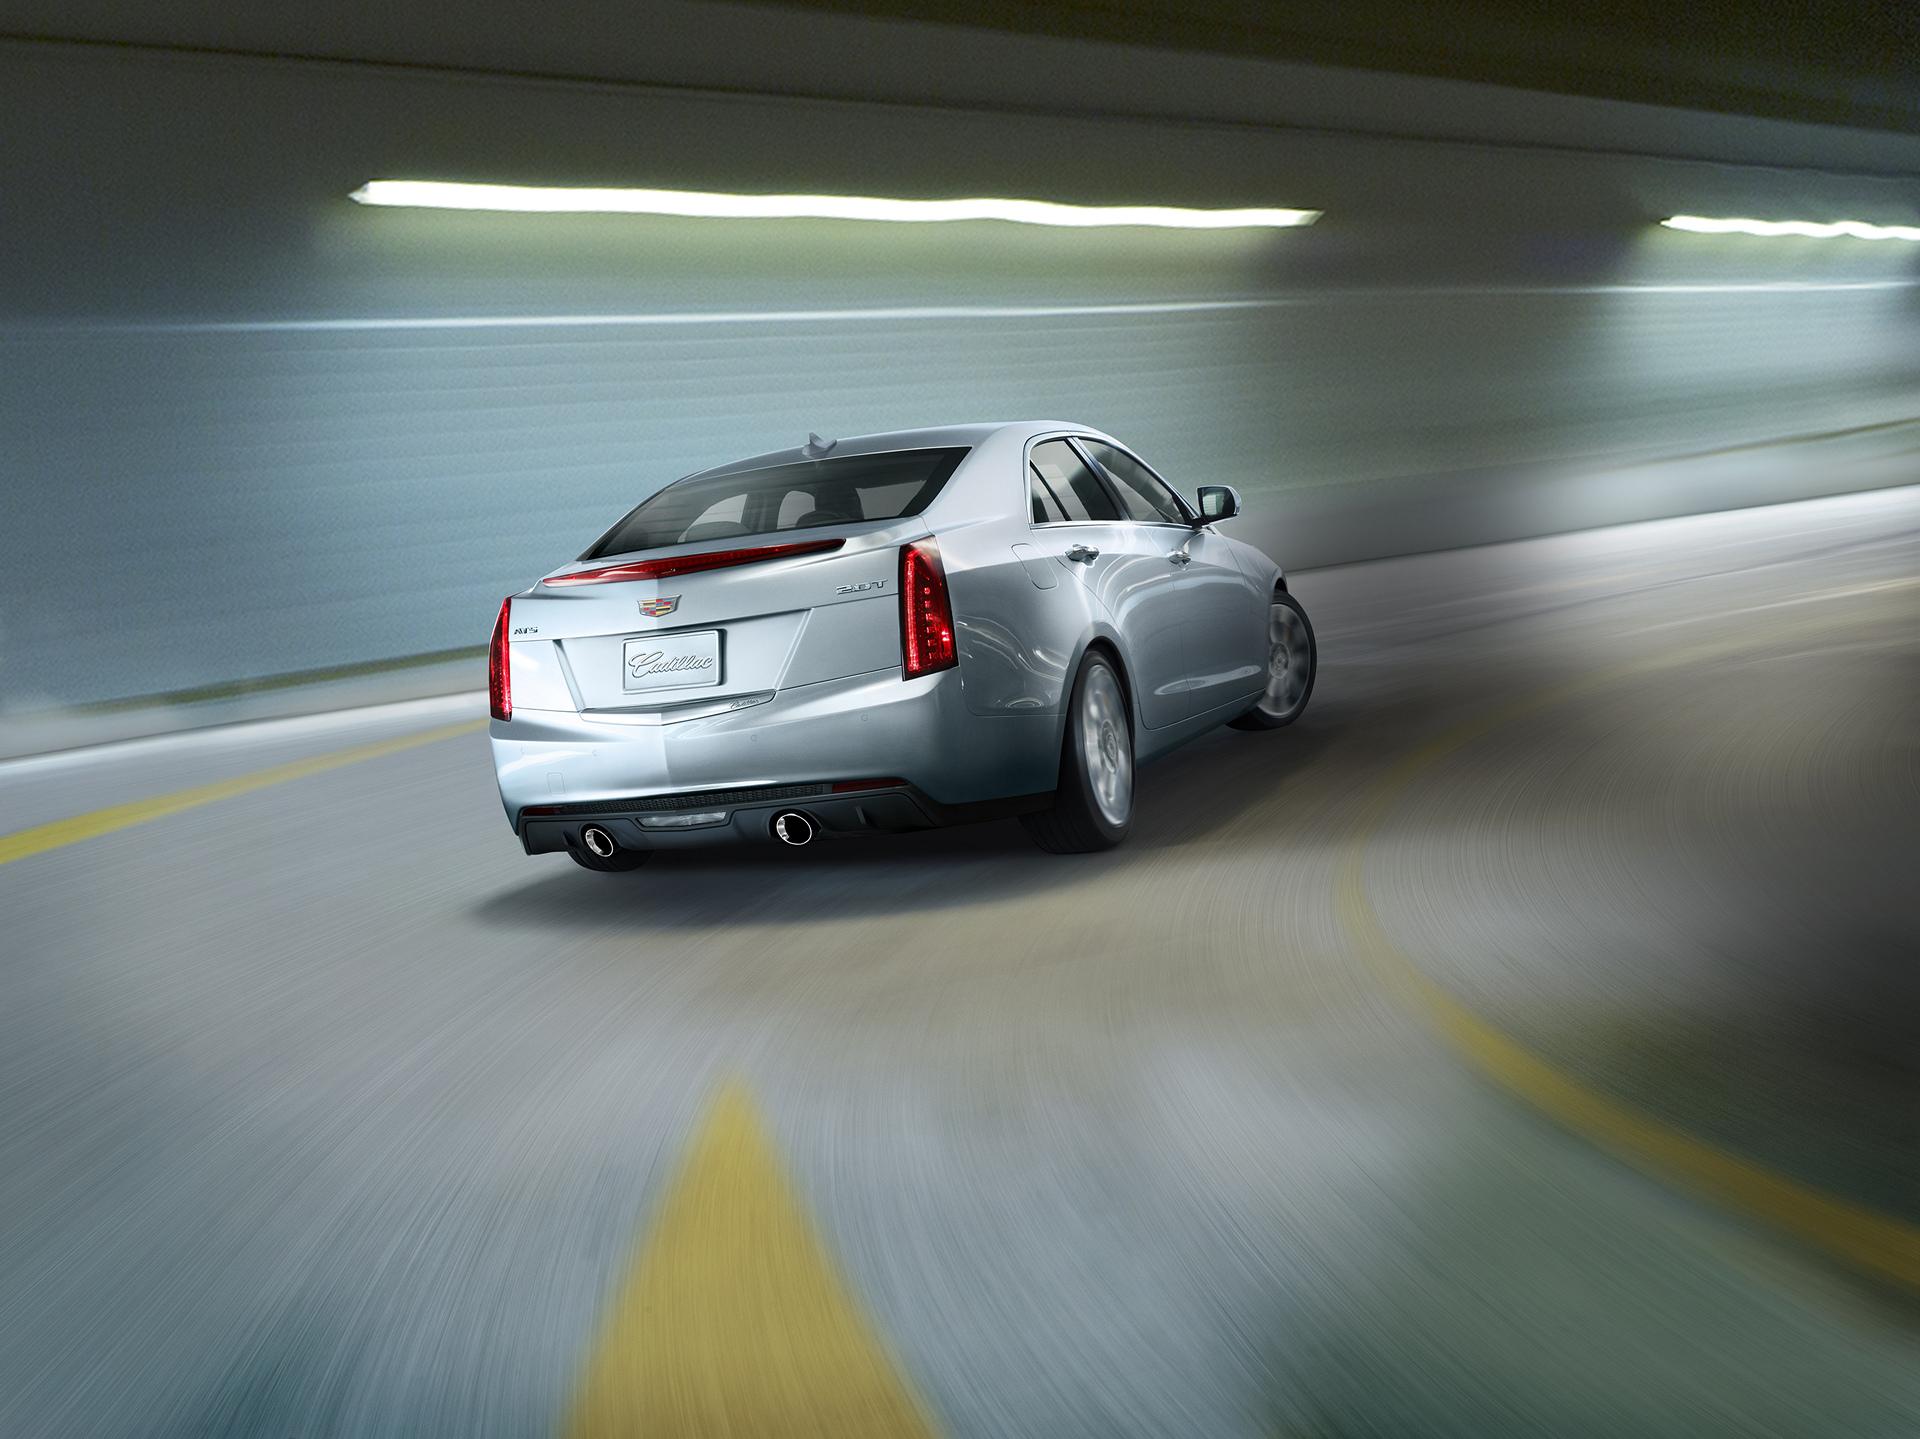 2017 Cadillac ATS © General Motors